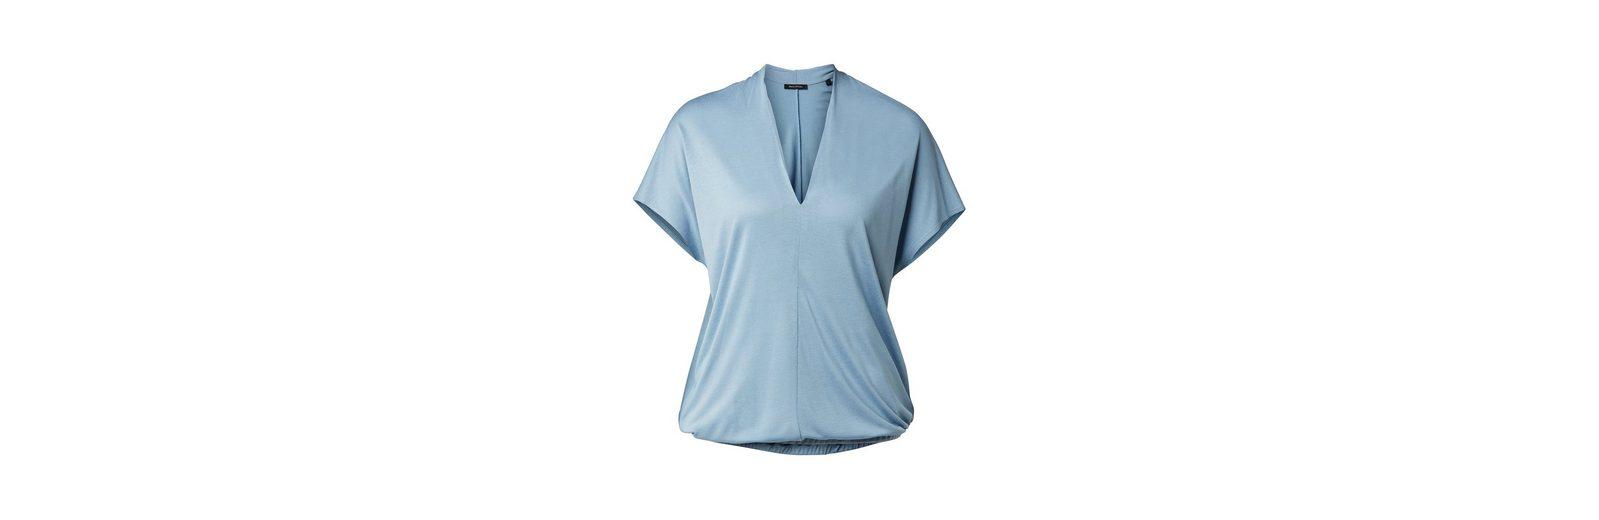 Marc O'Polo T-Shirt Mit Kreditkarte Online Mit Kreditkarte Günstigem Preis Rabatt Gutes Verkauf Auslass 100% Original 100% Ig Garantiert Verkauf Online 9AhWd8G3J